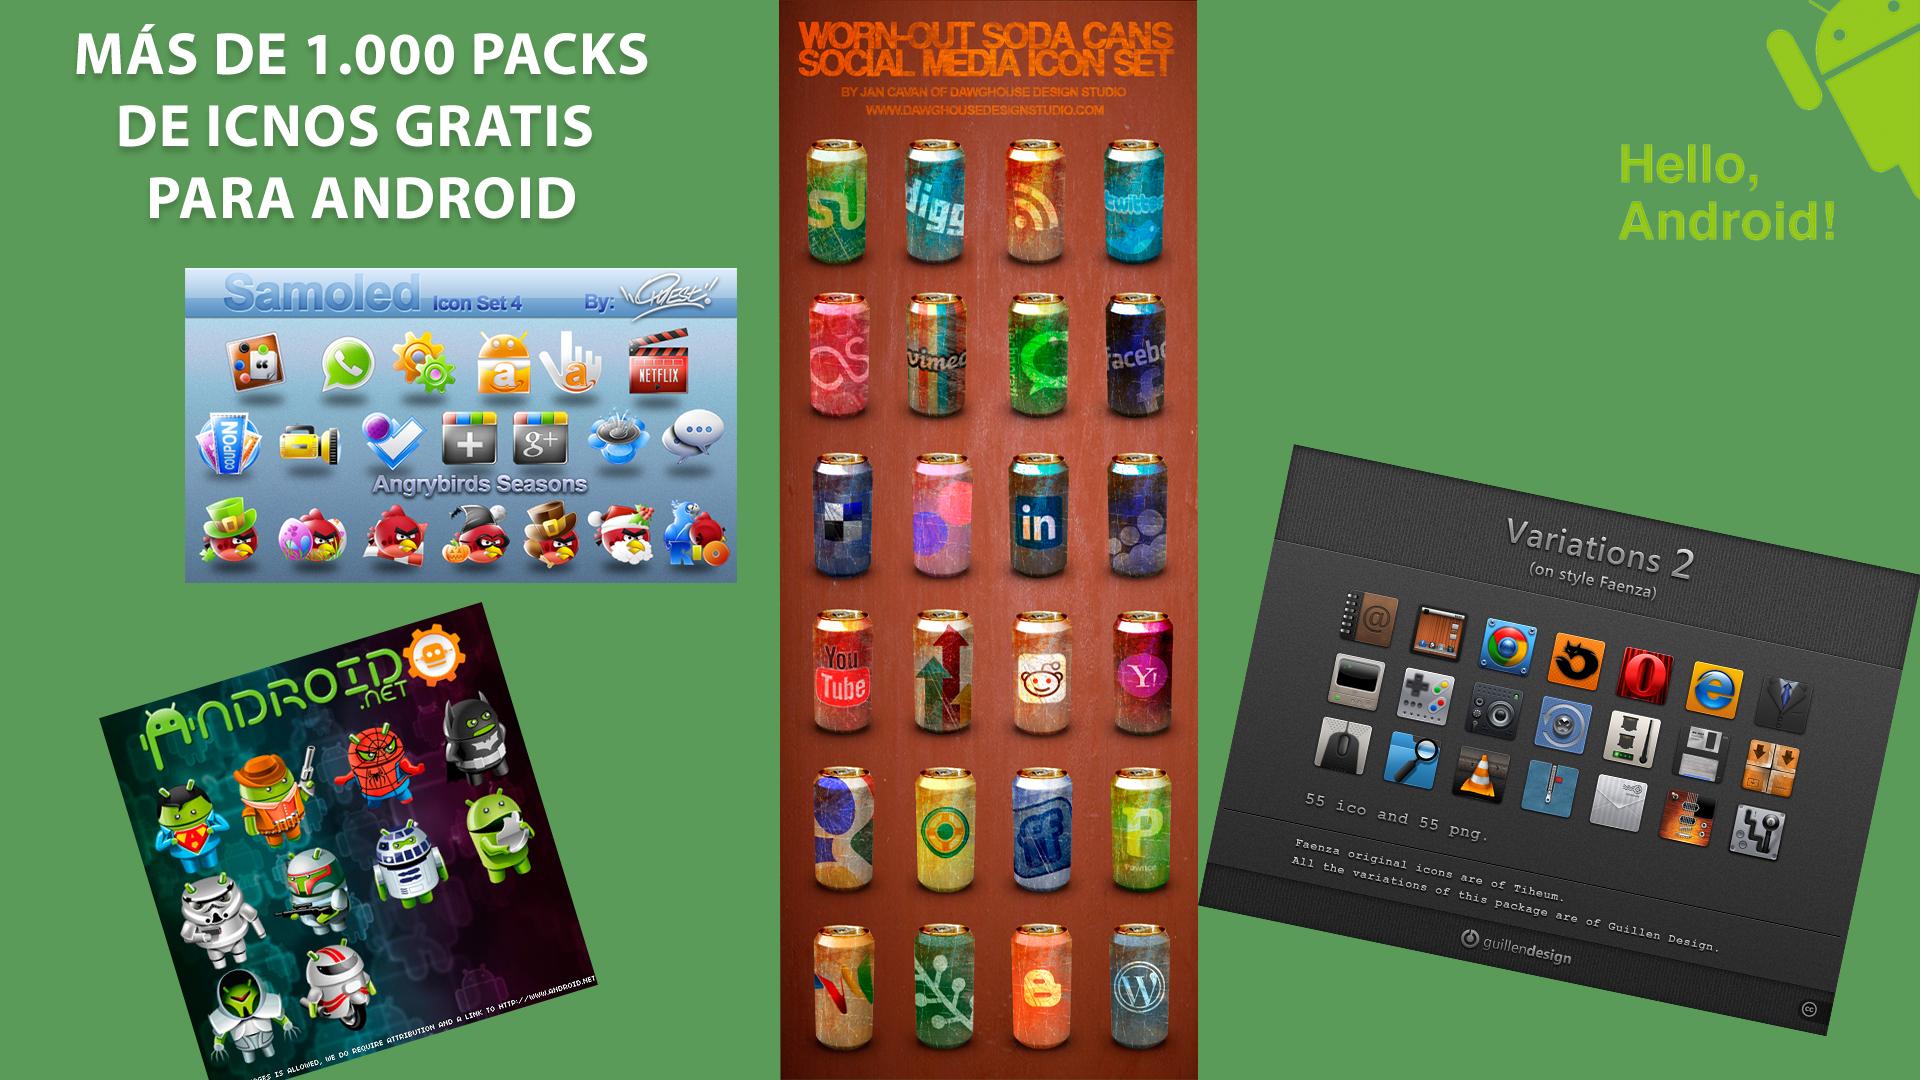 Iconos Gratis Para Android Más De 1000 Packs